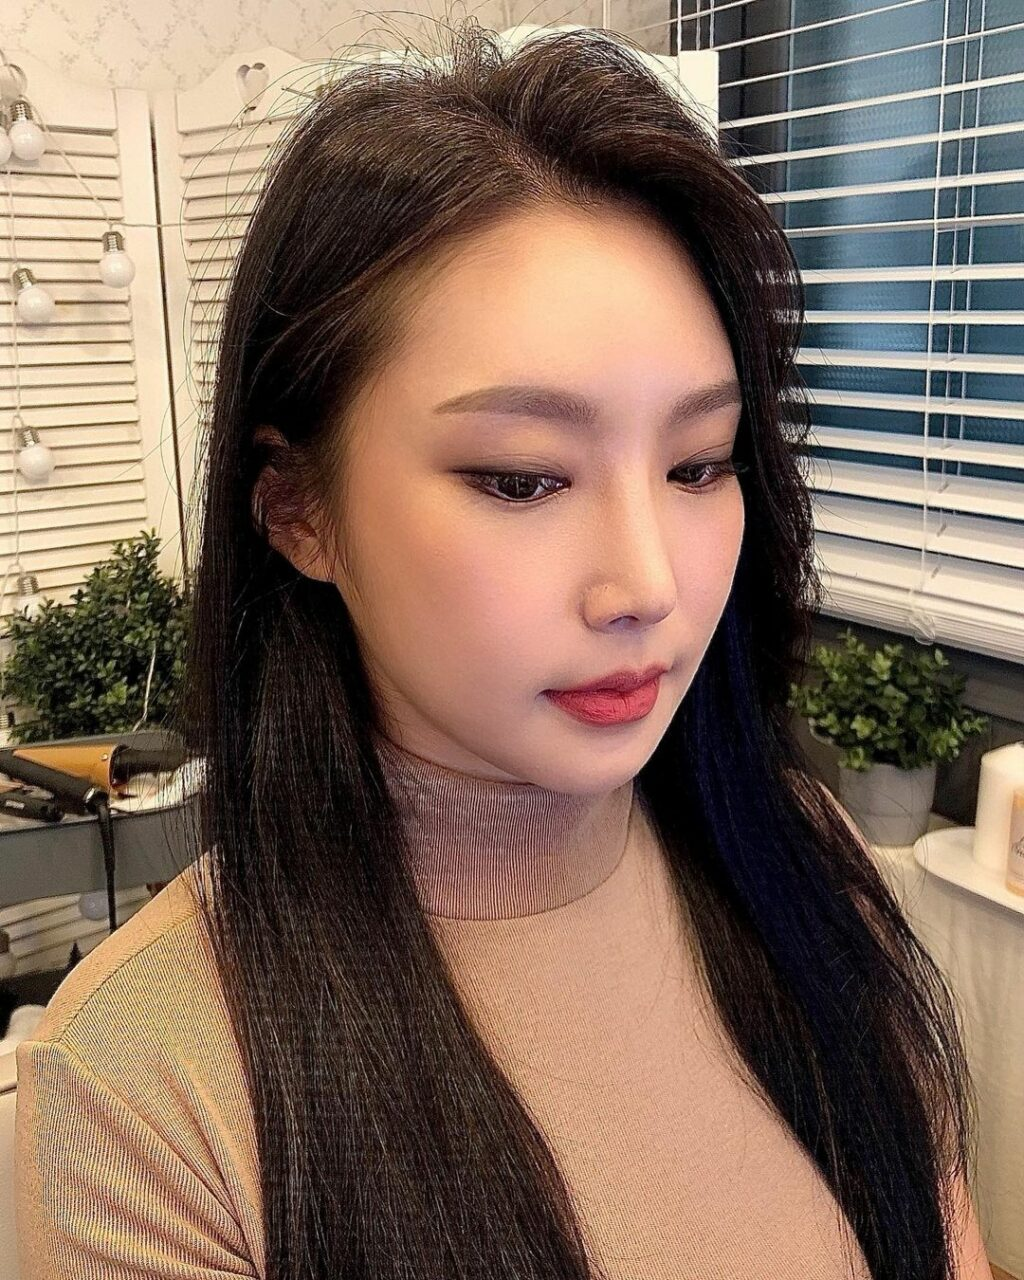 【韓国メイク最新トレンド】立体感を作る「陰影メイク」のコツをプロのメイクさんに聞いてきました♡